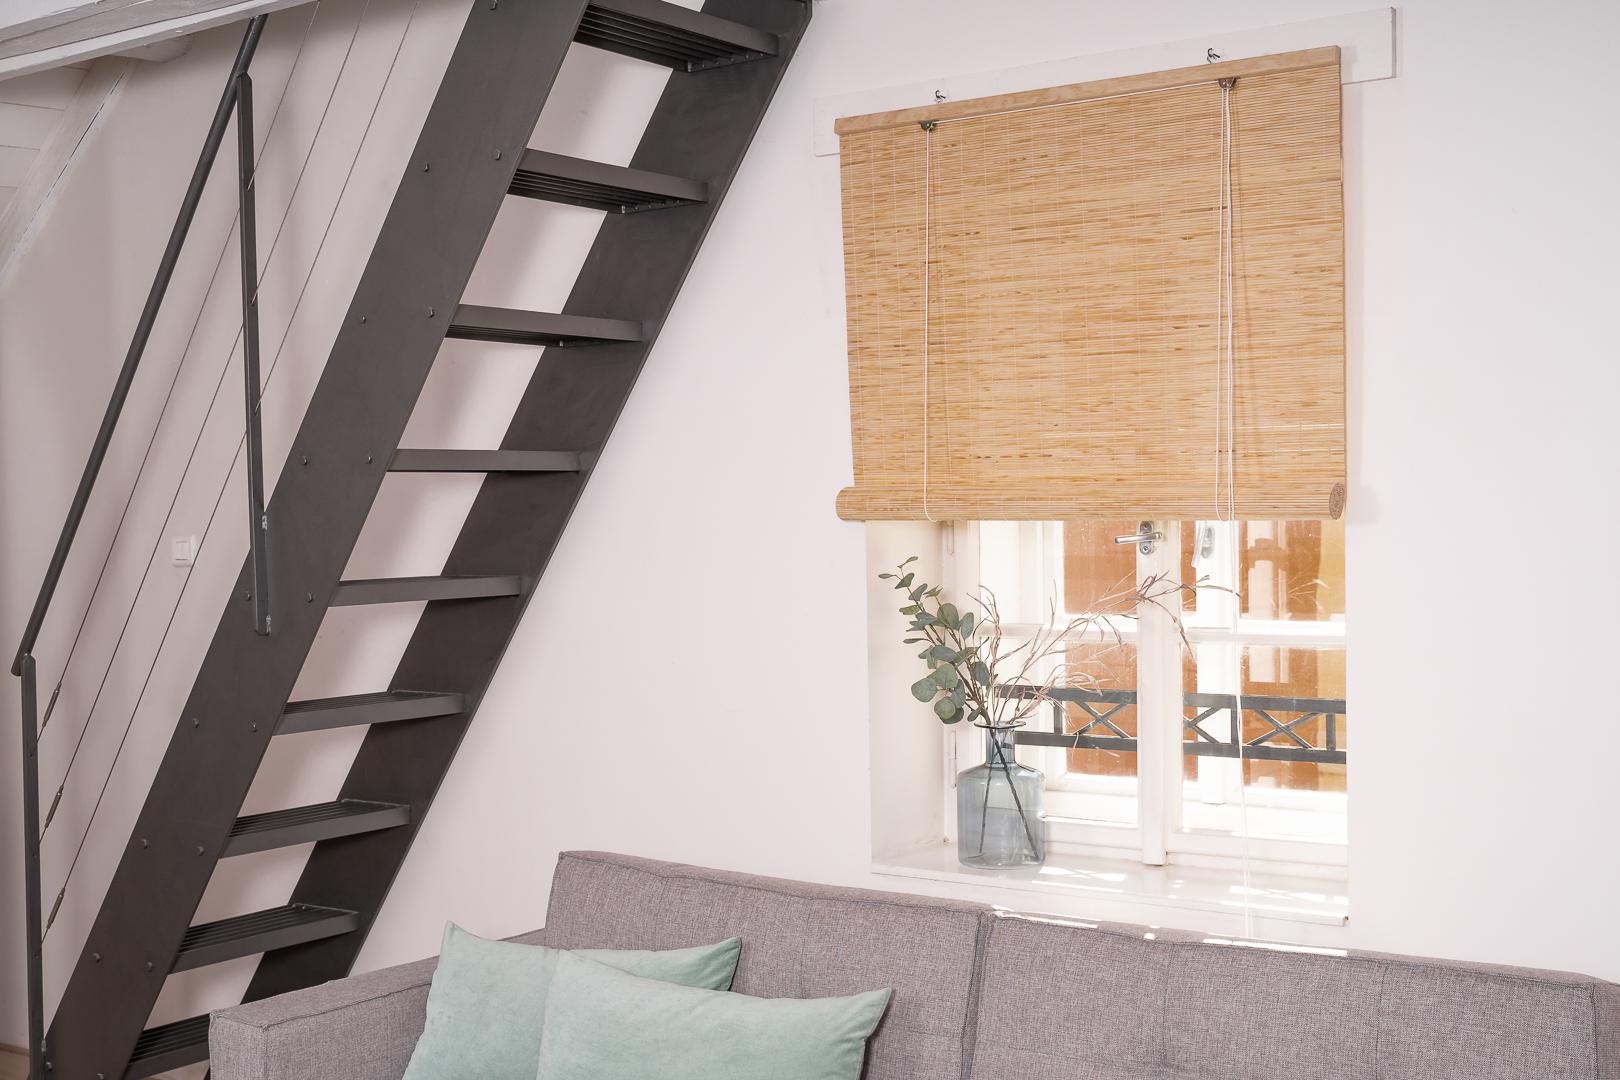 Dřevěná roleta do interiéru – přírodní Šířka rolety: 120 cm, Rozvin rolety: 150 cm